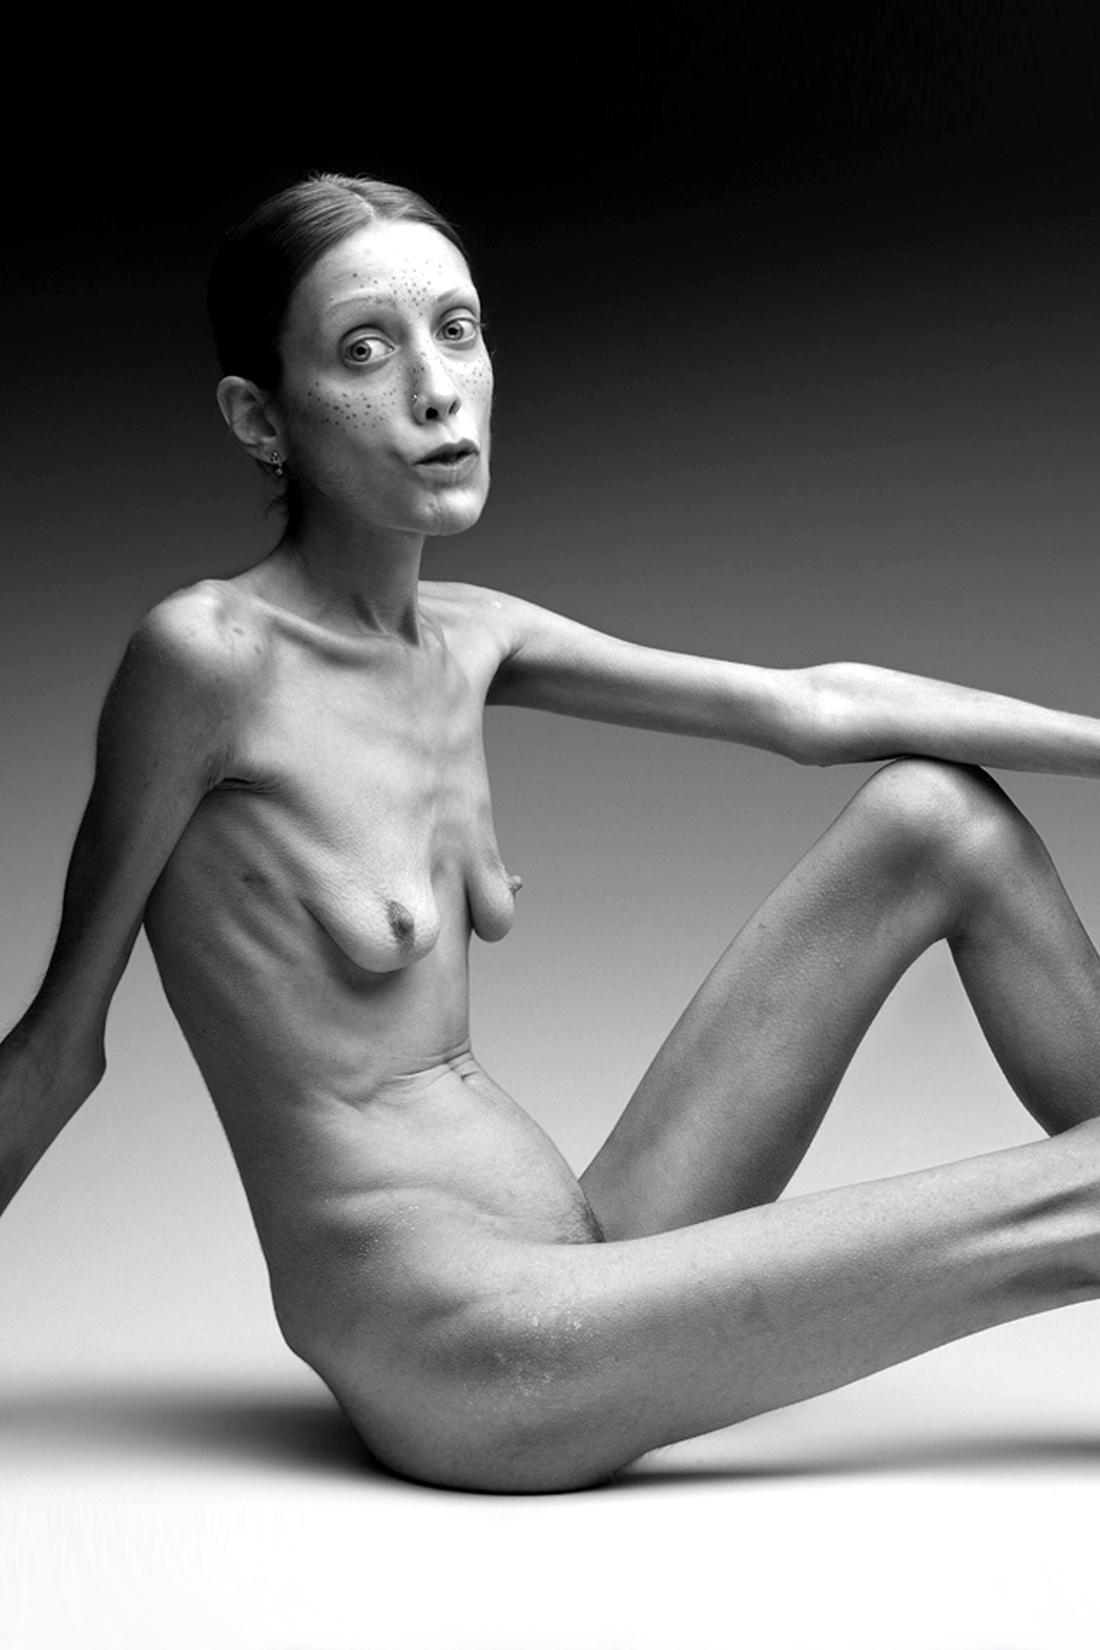 anoreksiya-foto-golih